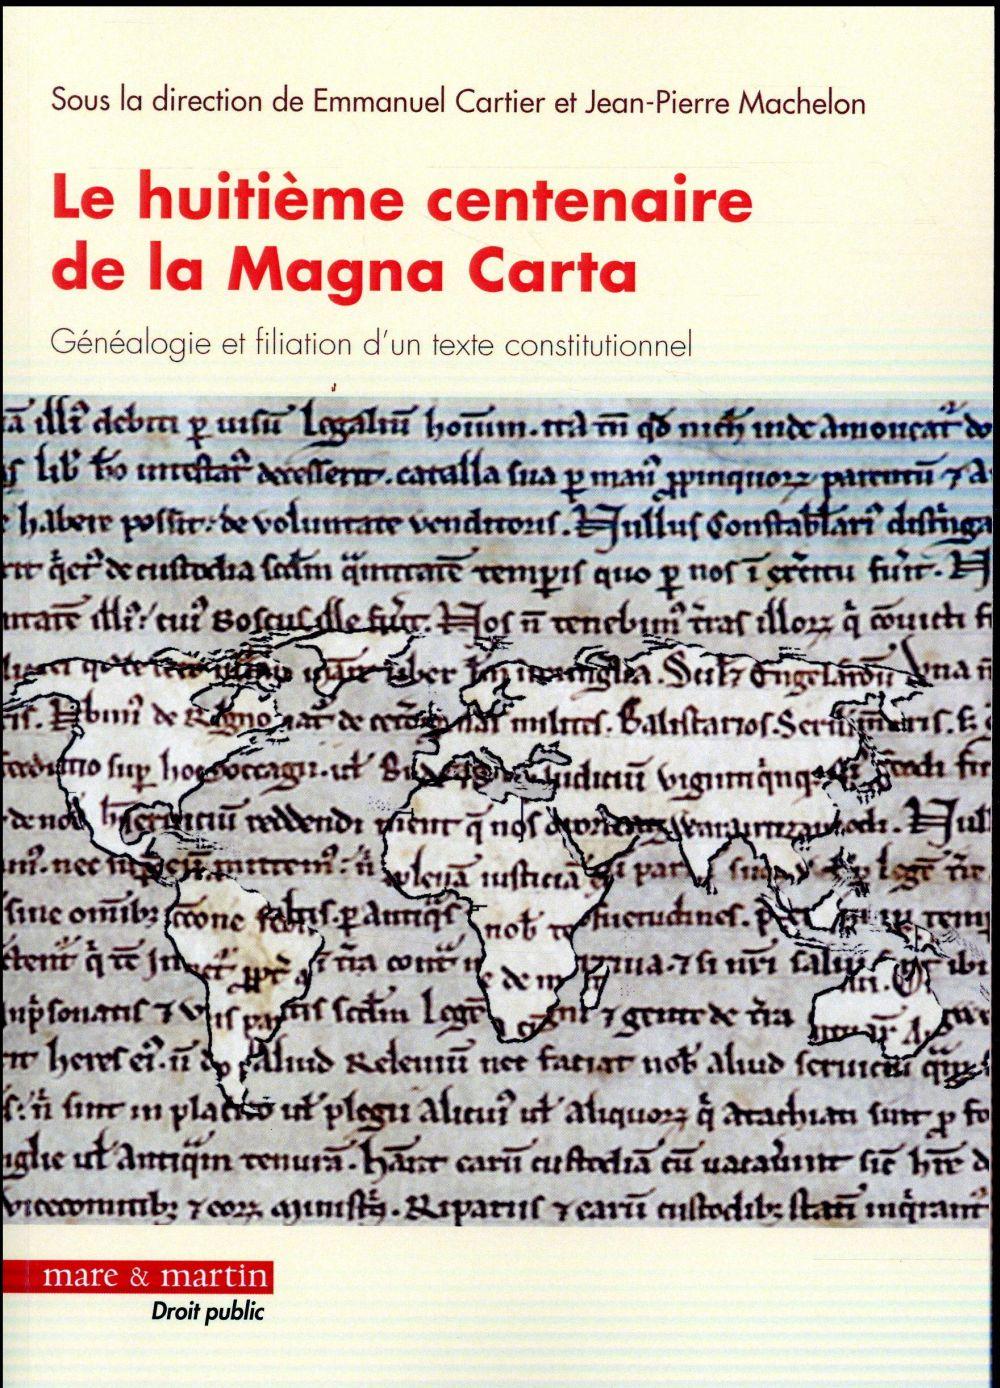 Le huitième centenaire de la Magna Carta ; généalogie et filiation d'un texte constitutionnel